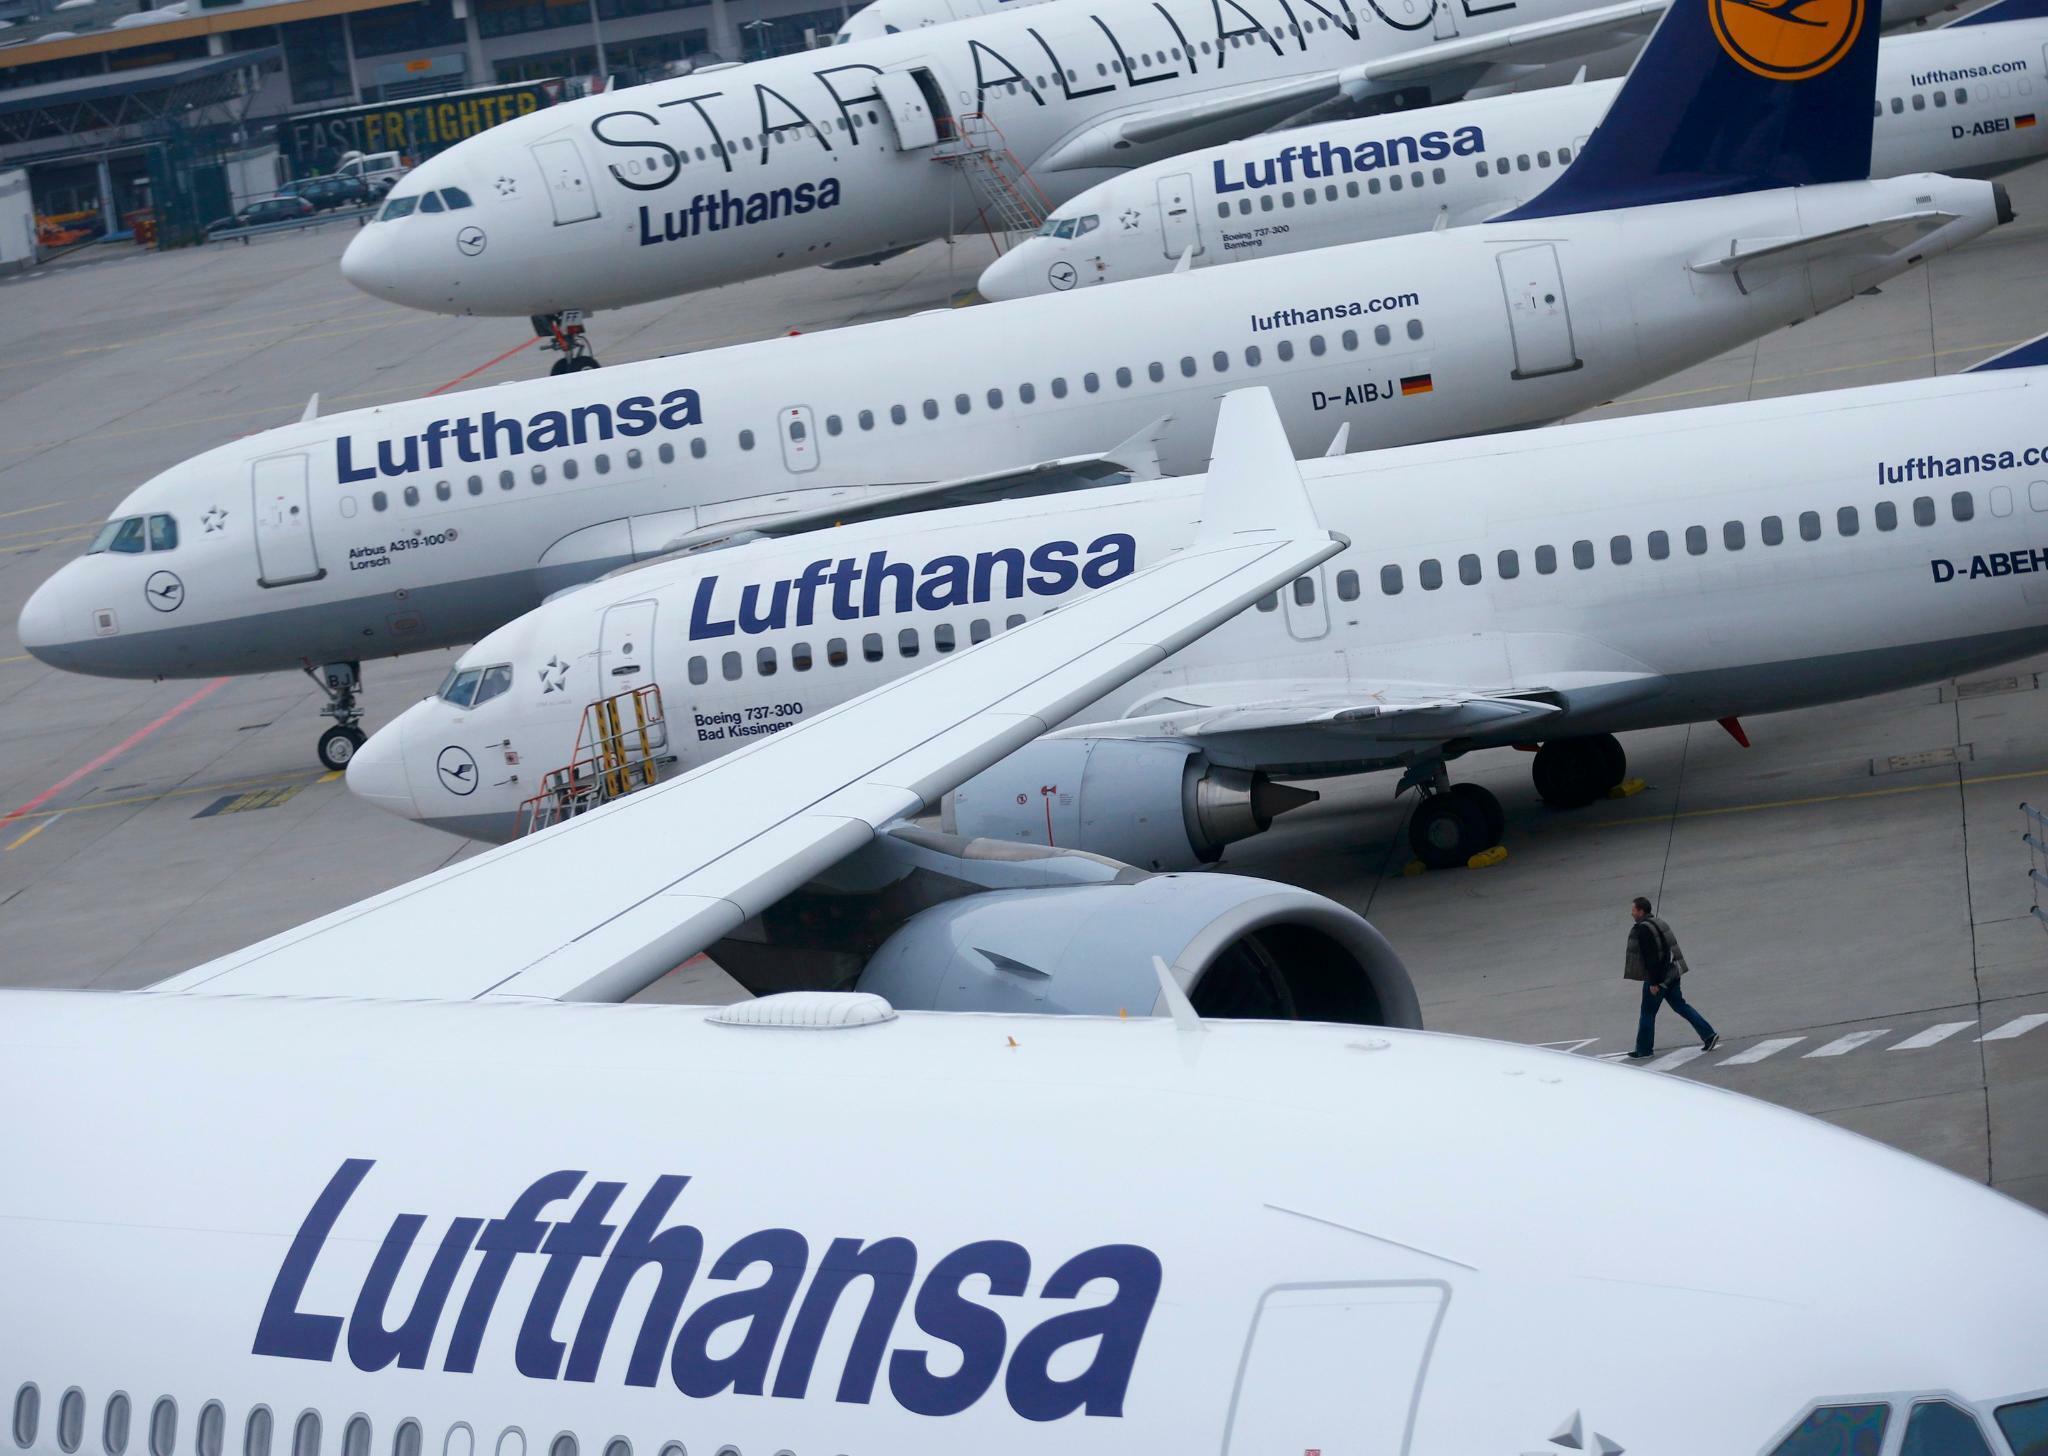 Fluggesellschaft: Lufthansa verhandelt mit Verdi über Tarife für Kabinenpersonal